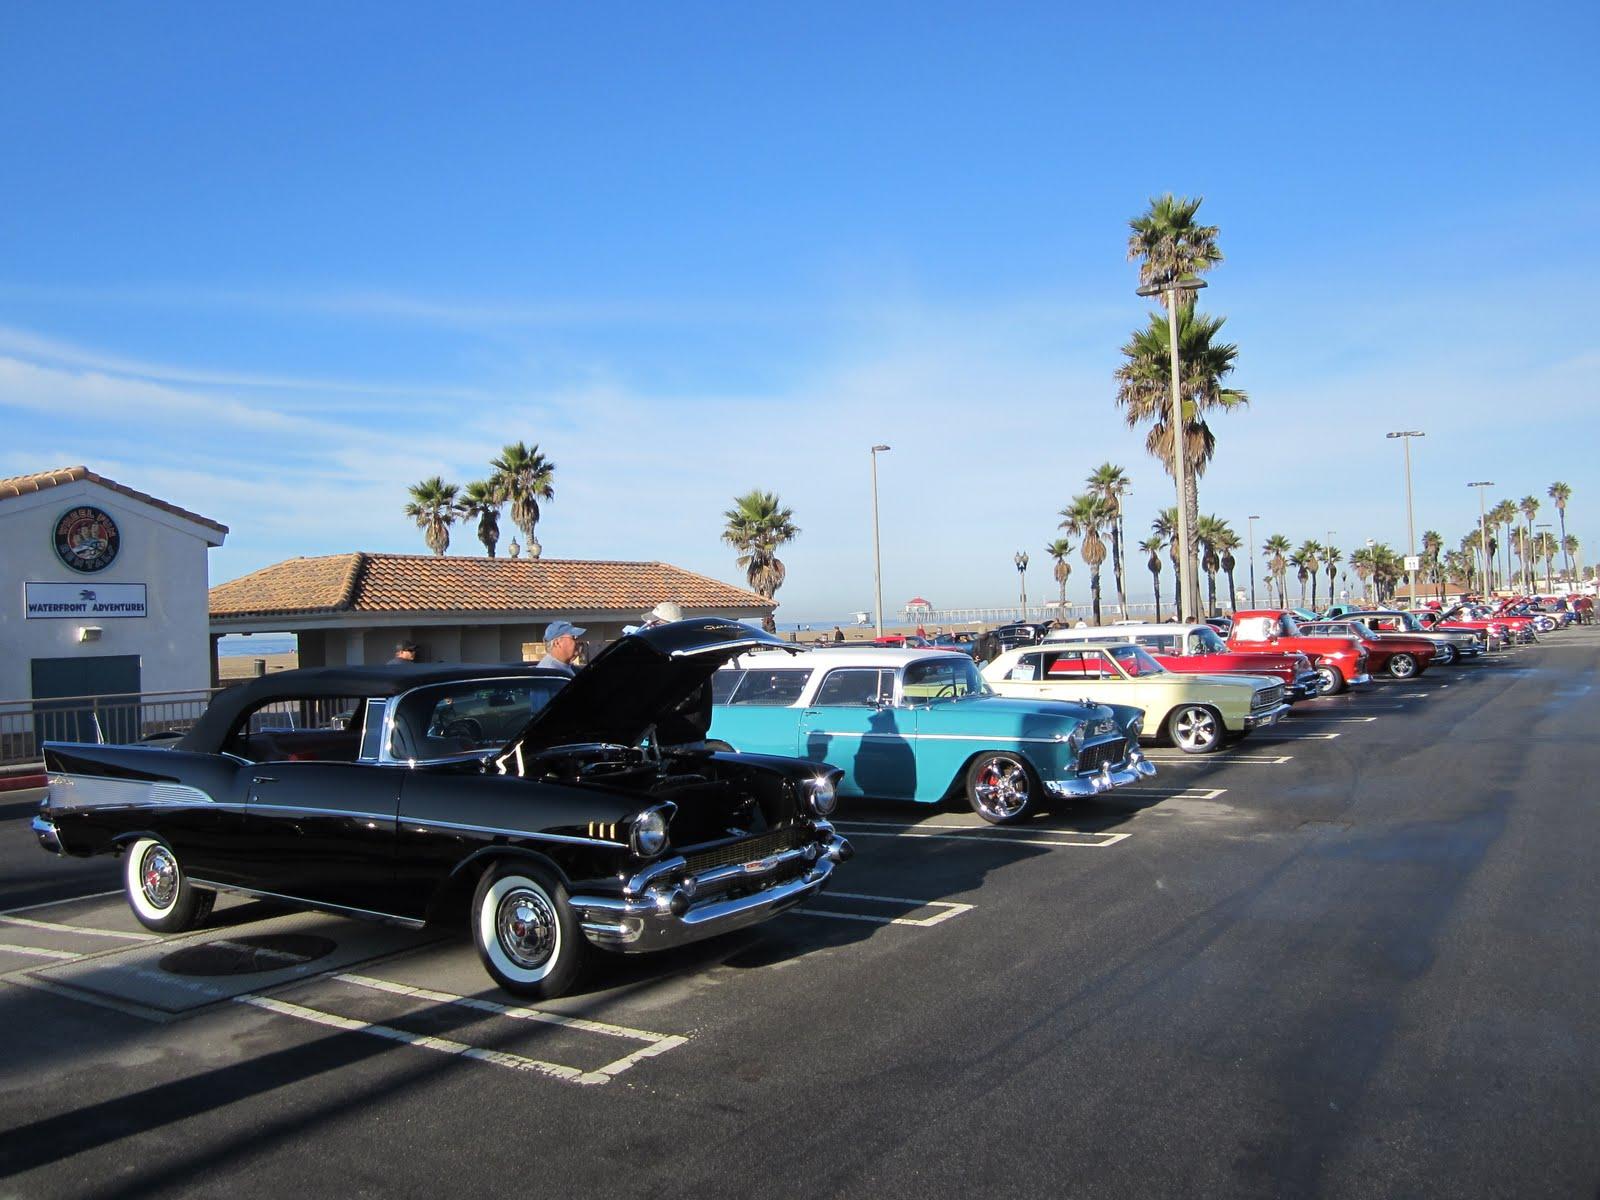 Surf City USA Car Show In Huntington Beach Cars Blog - Car show huntington beach